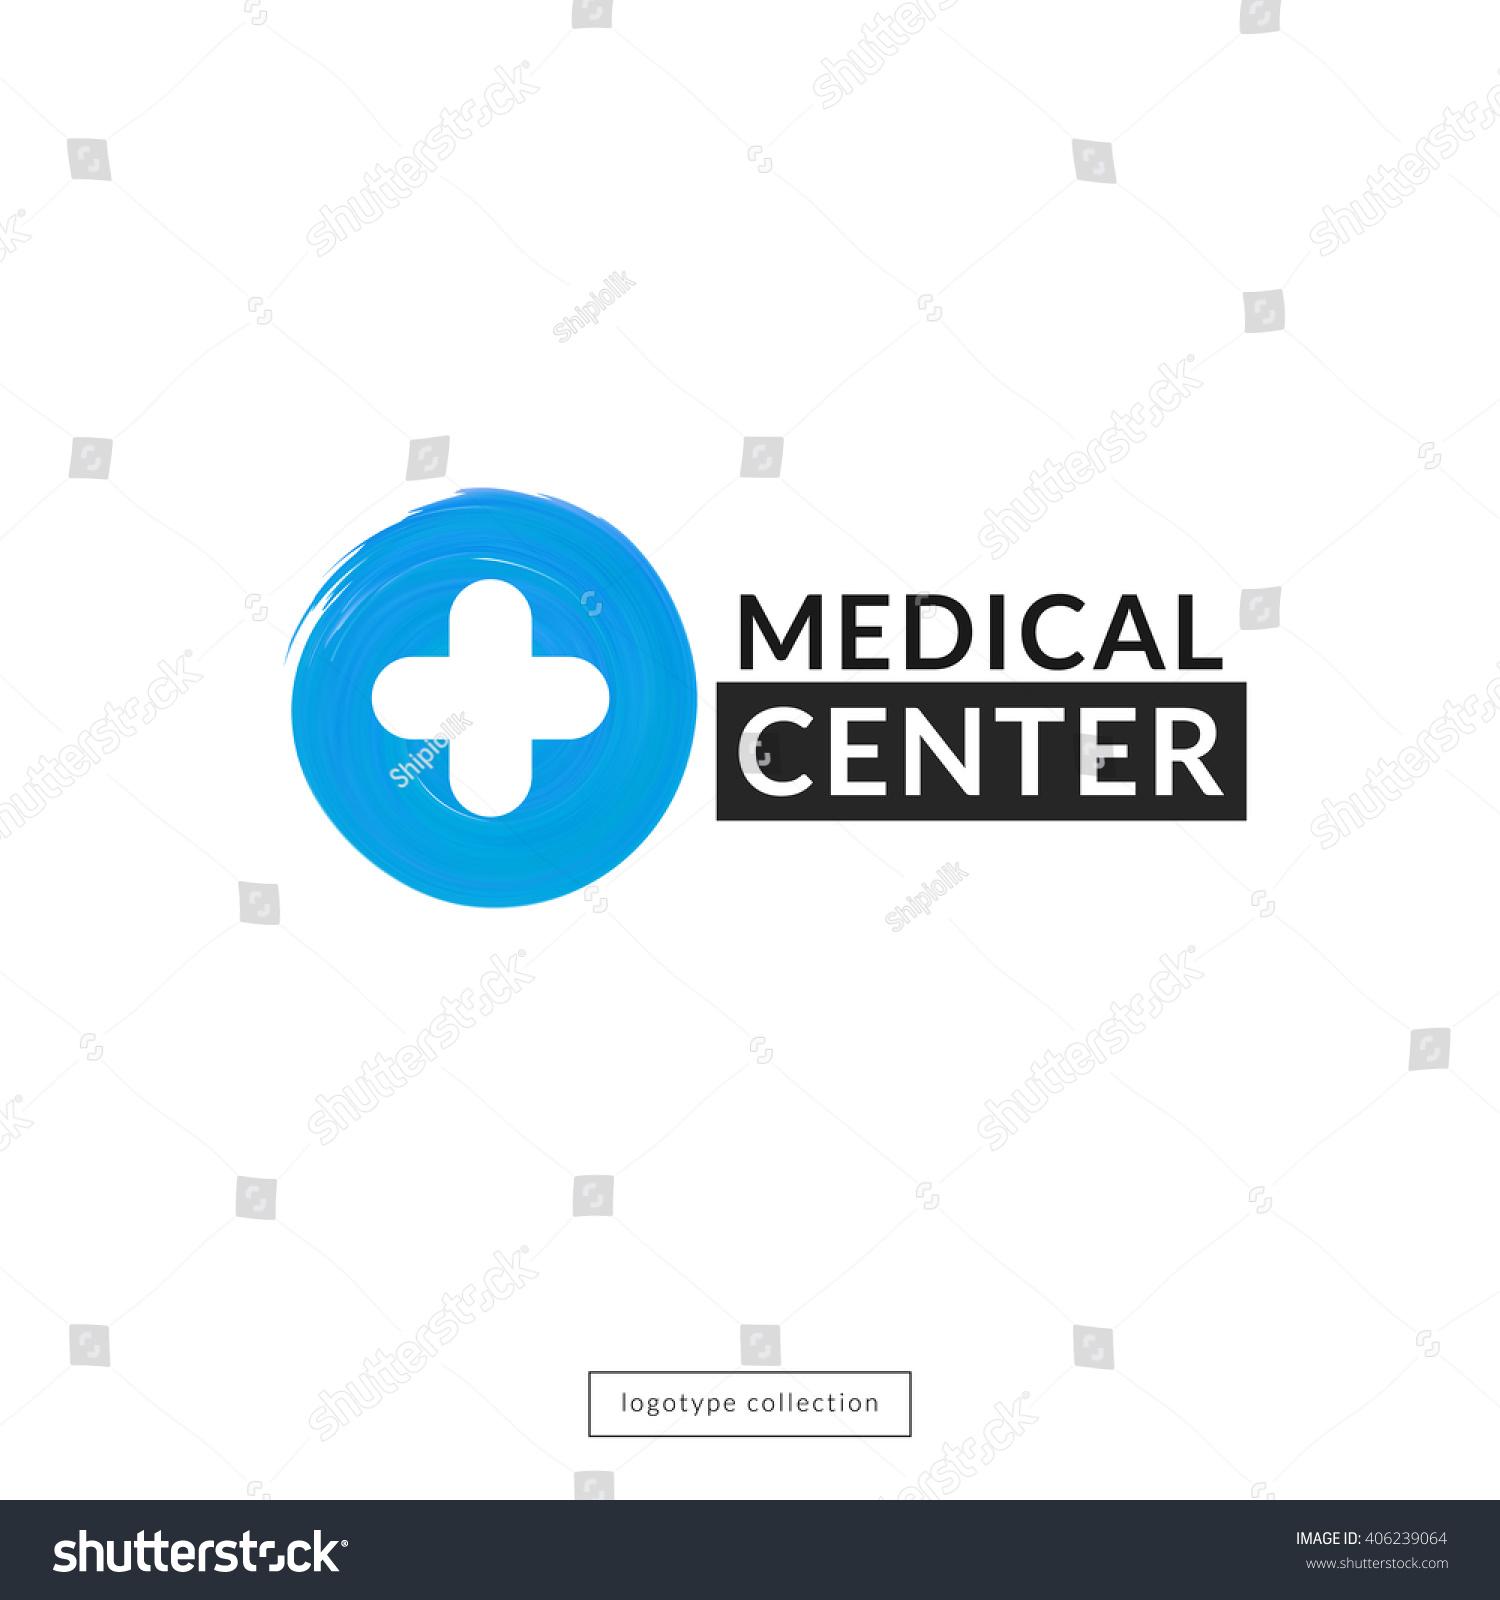 Medical Center Logo Design Template Round Stock Vector 406239064 ...